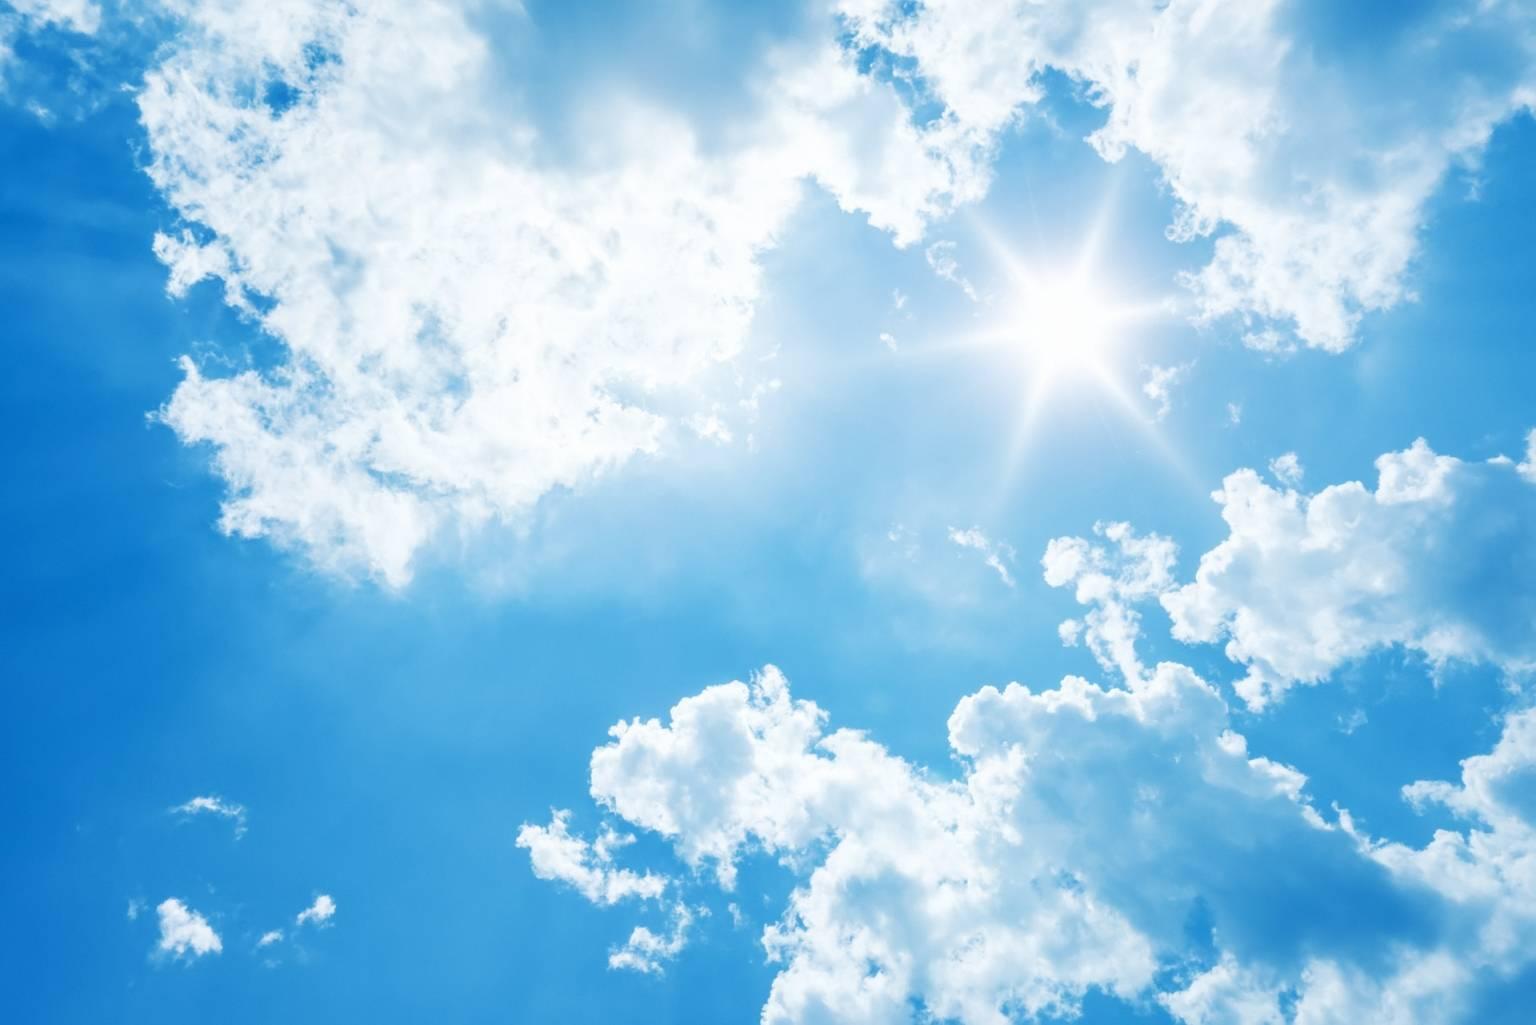 Niebieskie niebo - czy sztuczne światło nam szkodzi?